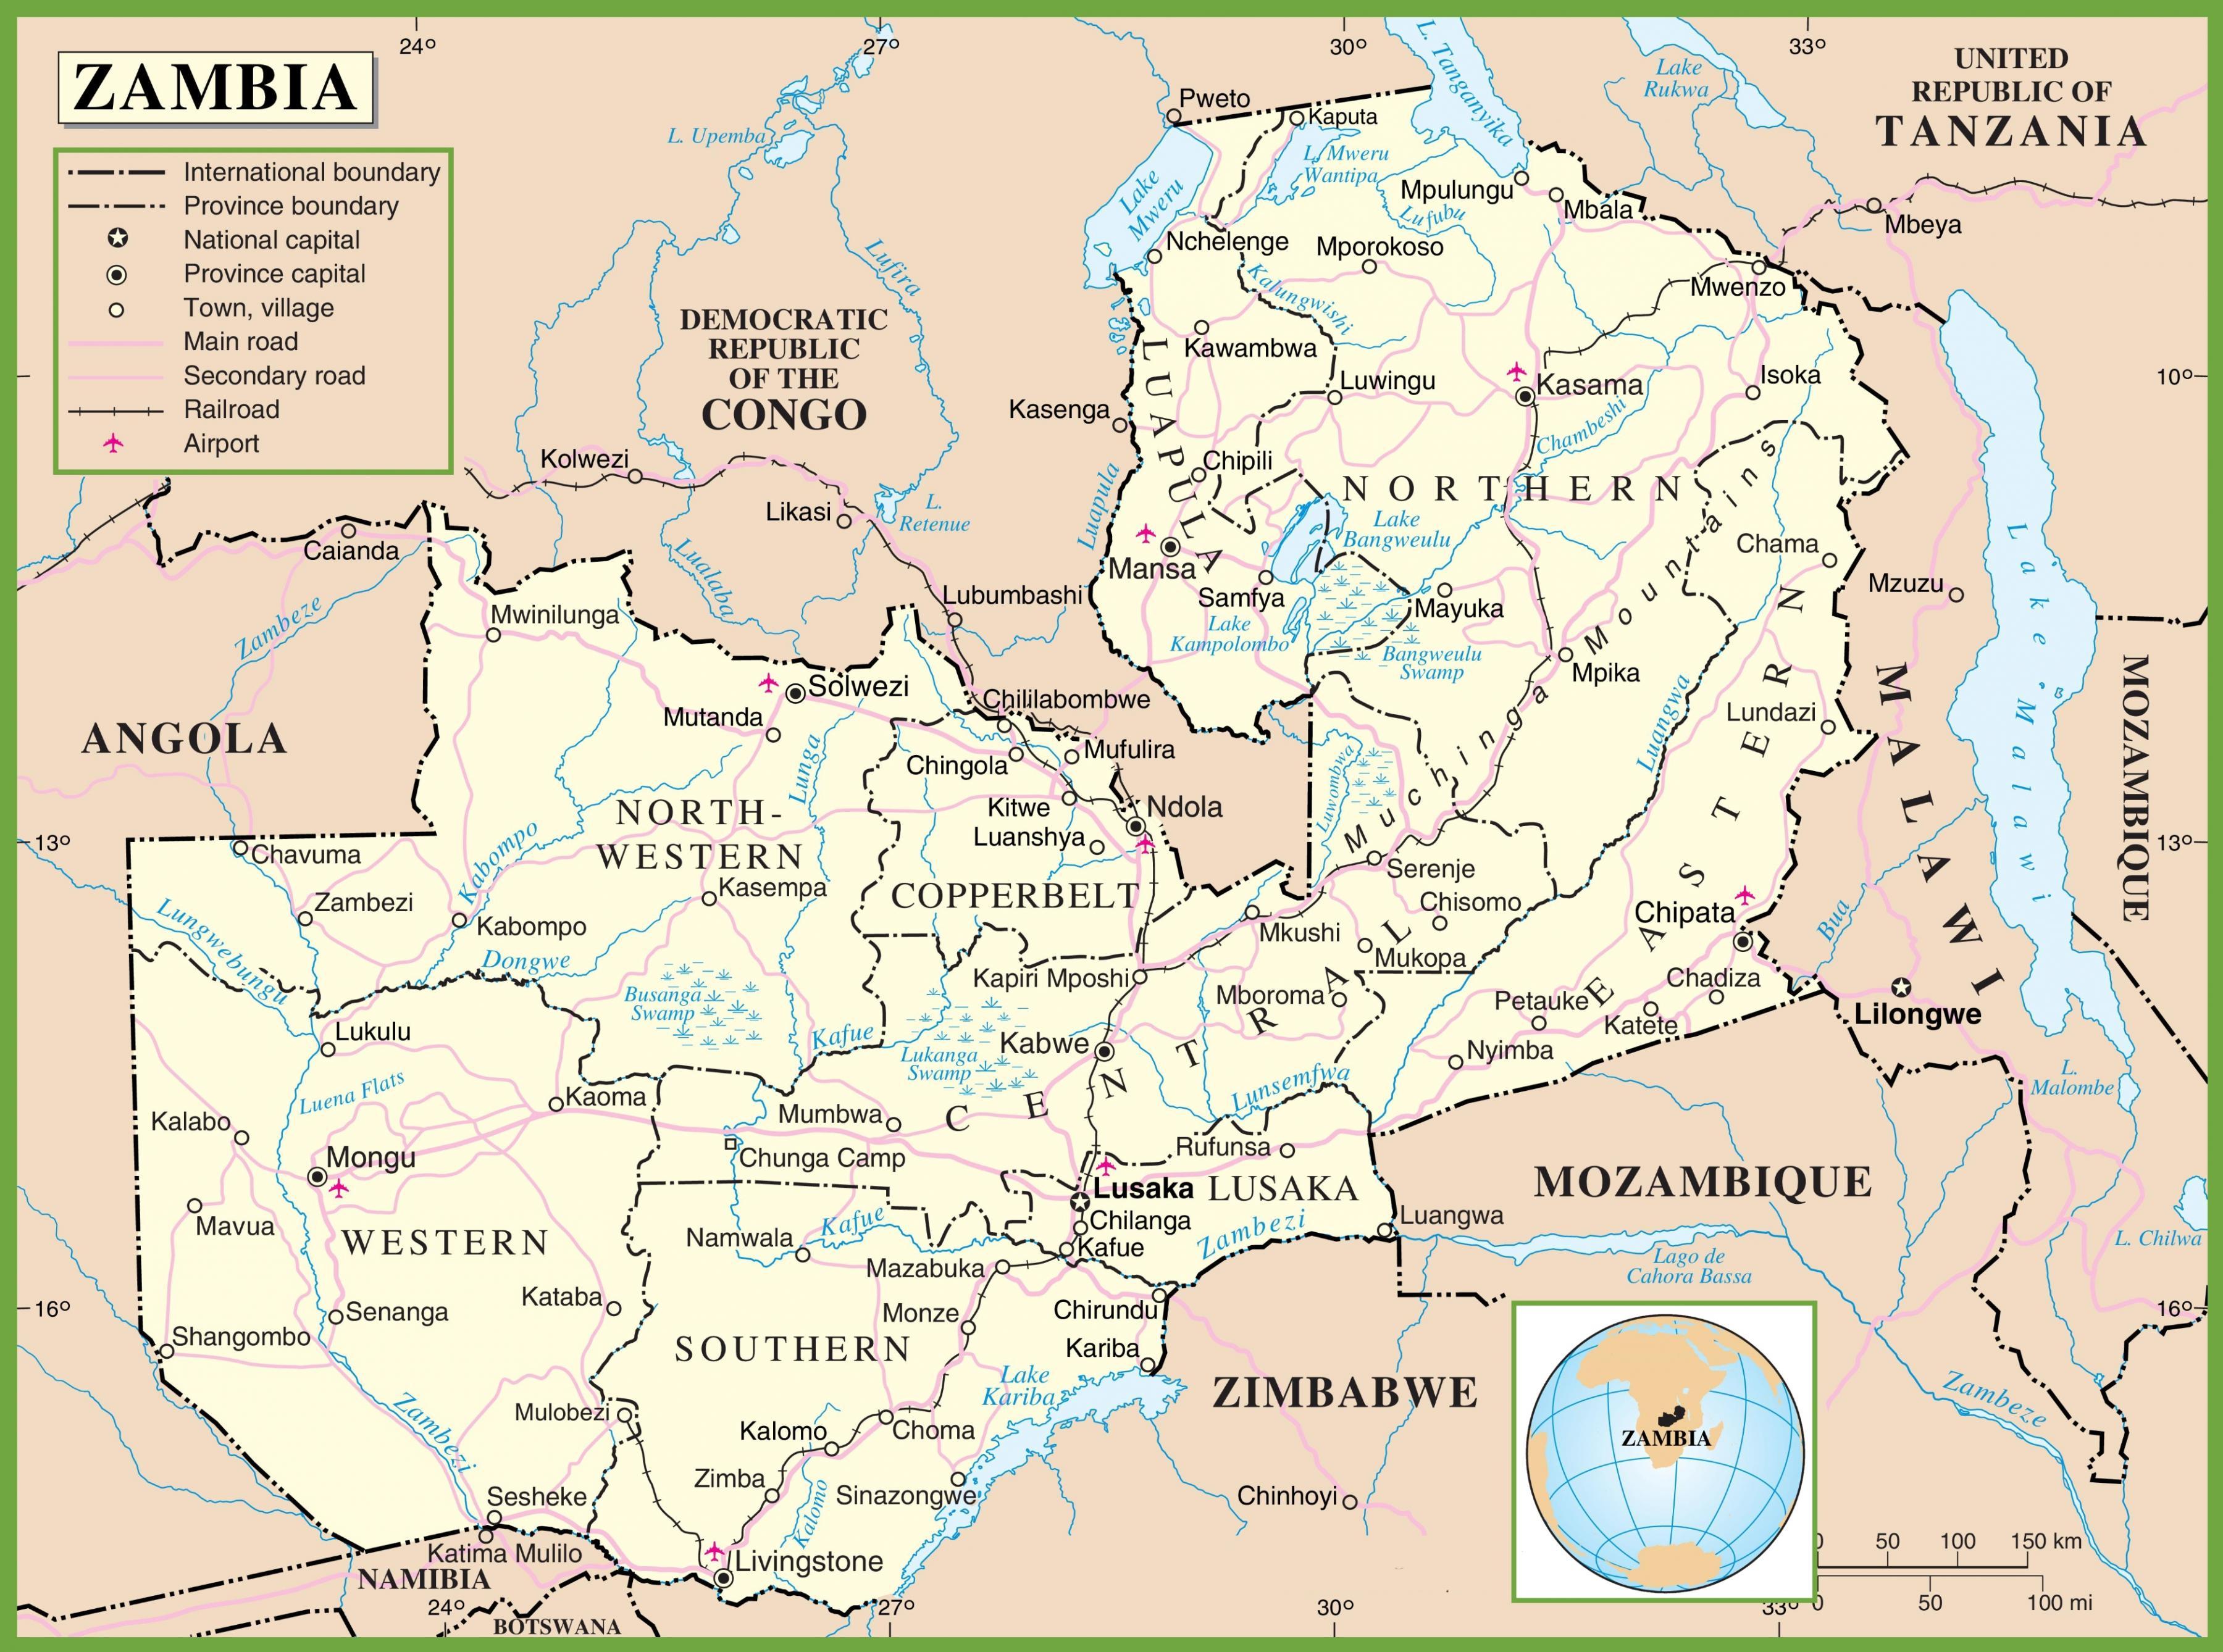 Carte Afrique Zambie.Zambie La Carte La Carte De La Zambie Afrique De L Est